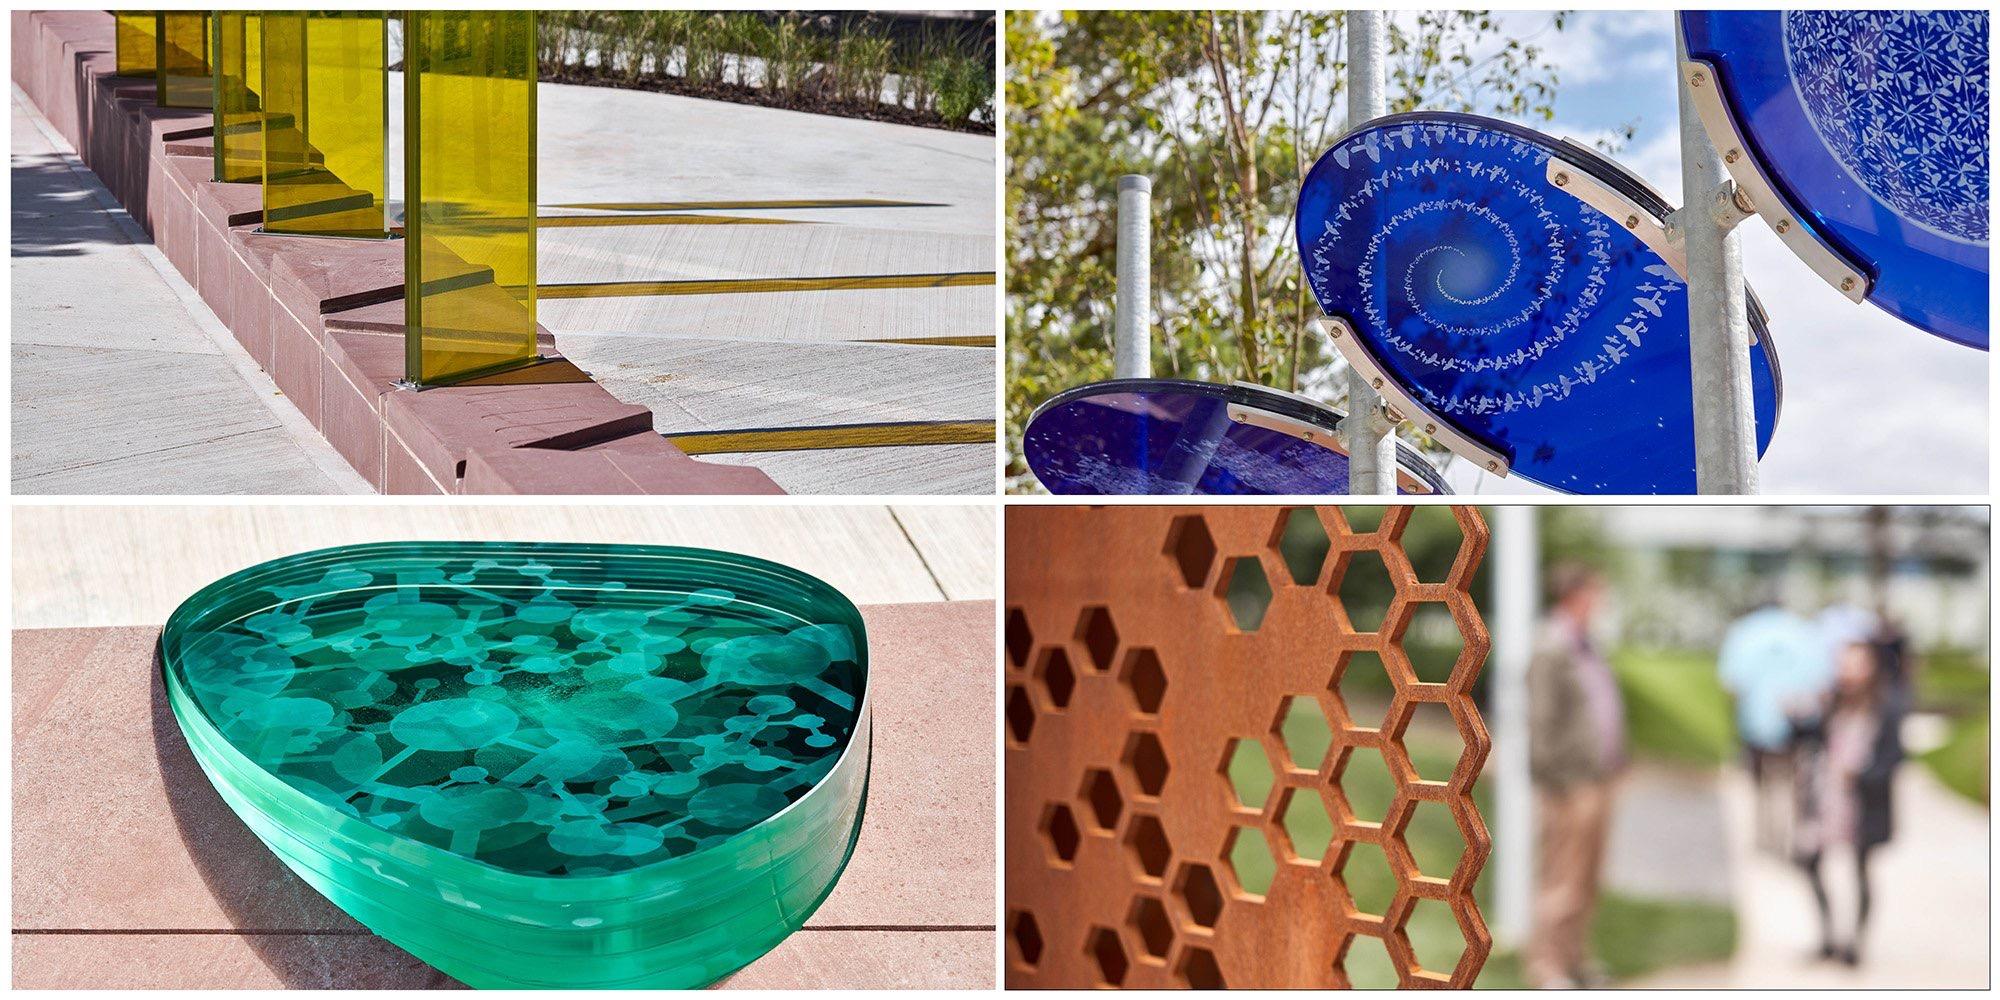 DARESBURY - LINEAR GARDEN   5 coloured sculptural gardens